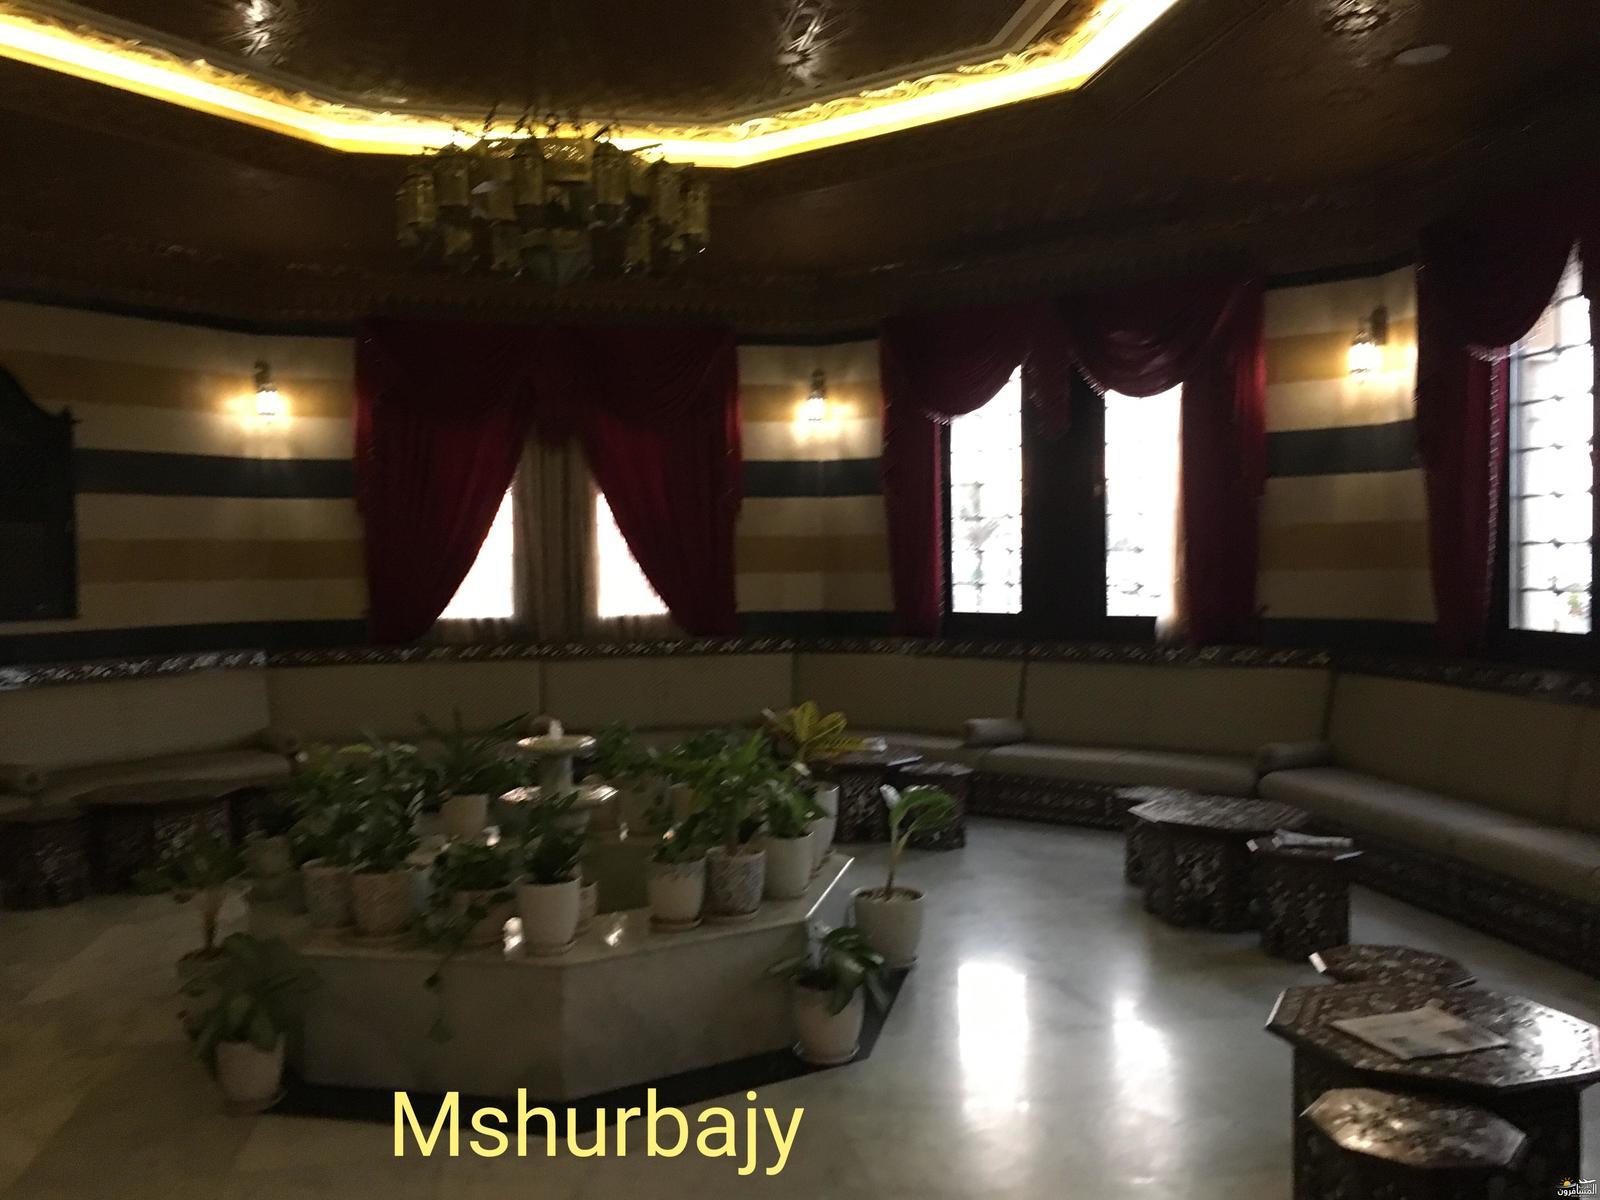 652476 المسافرون العرب مطعم رواق الأمويين في جدة